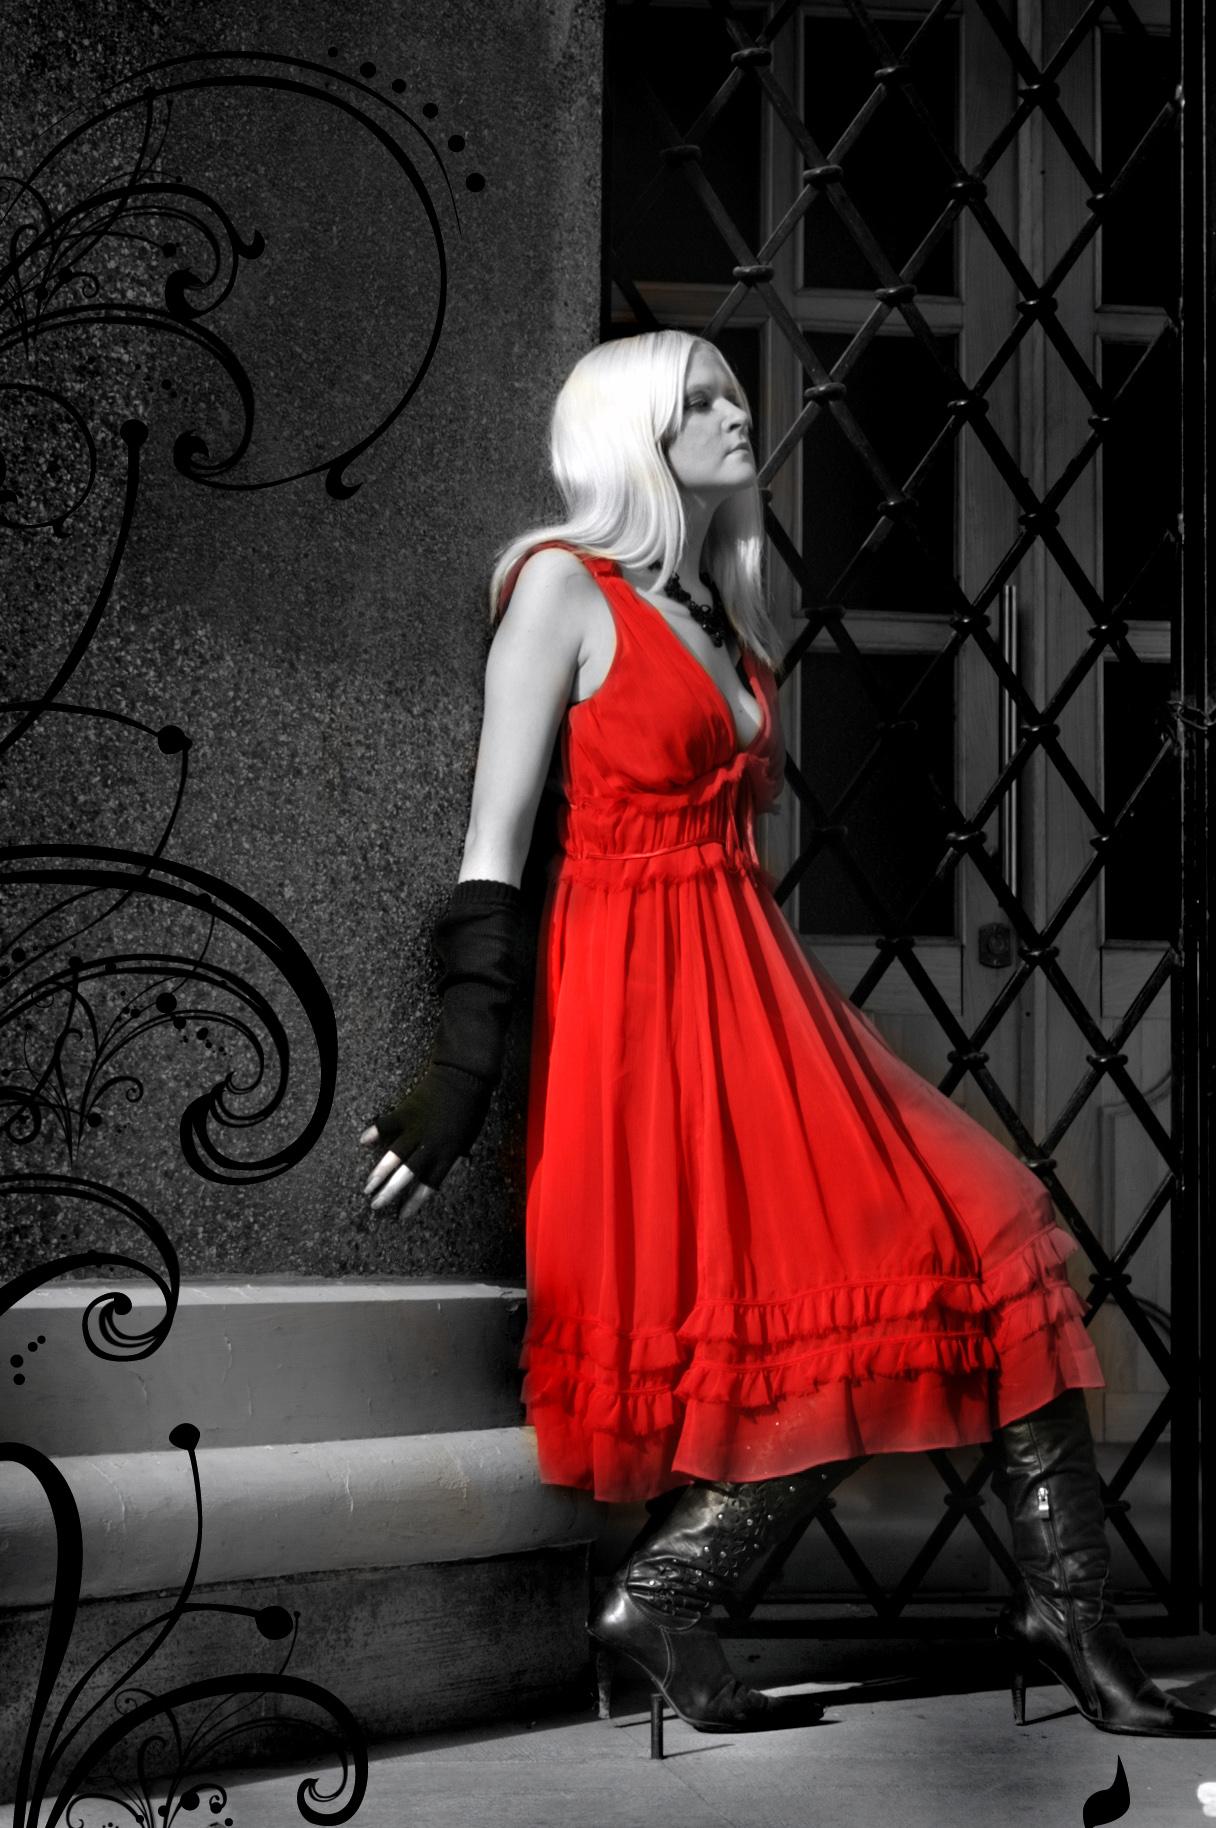 PraNkster-D.  Красное платье. закрыть окно. в избранных. дата. автор. рекомендуют.